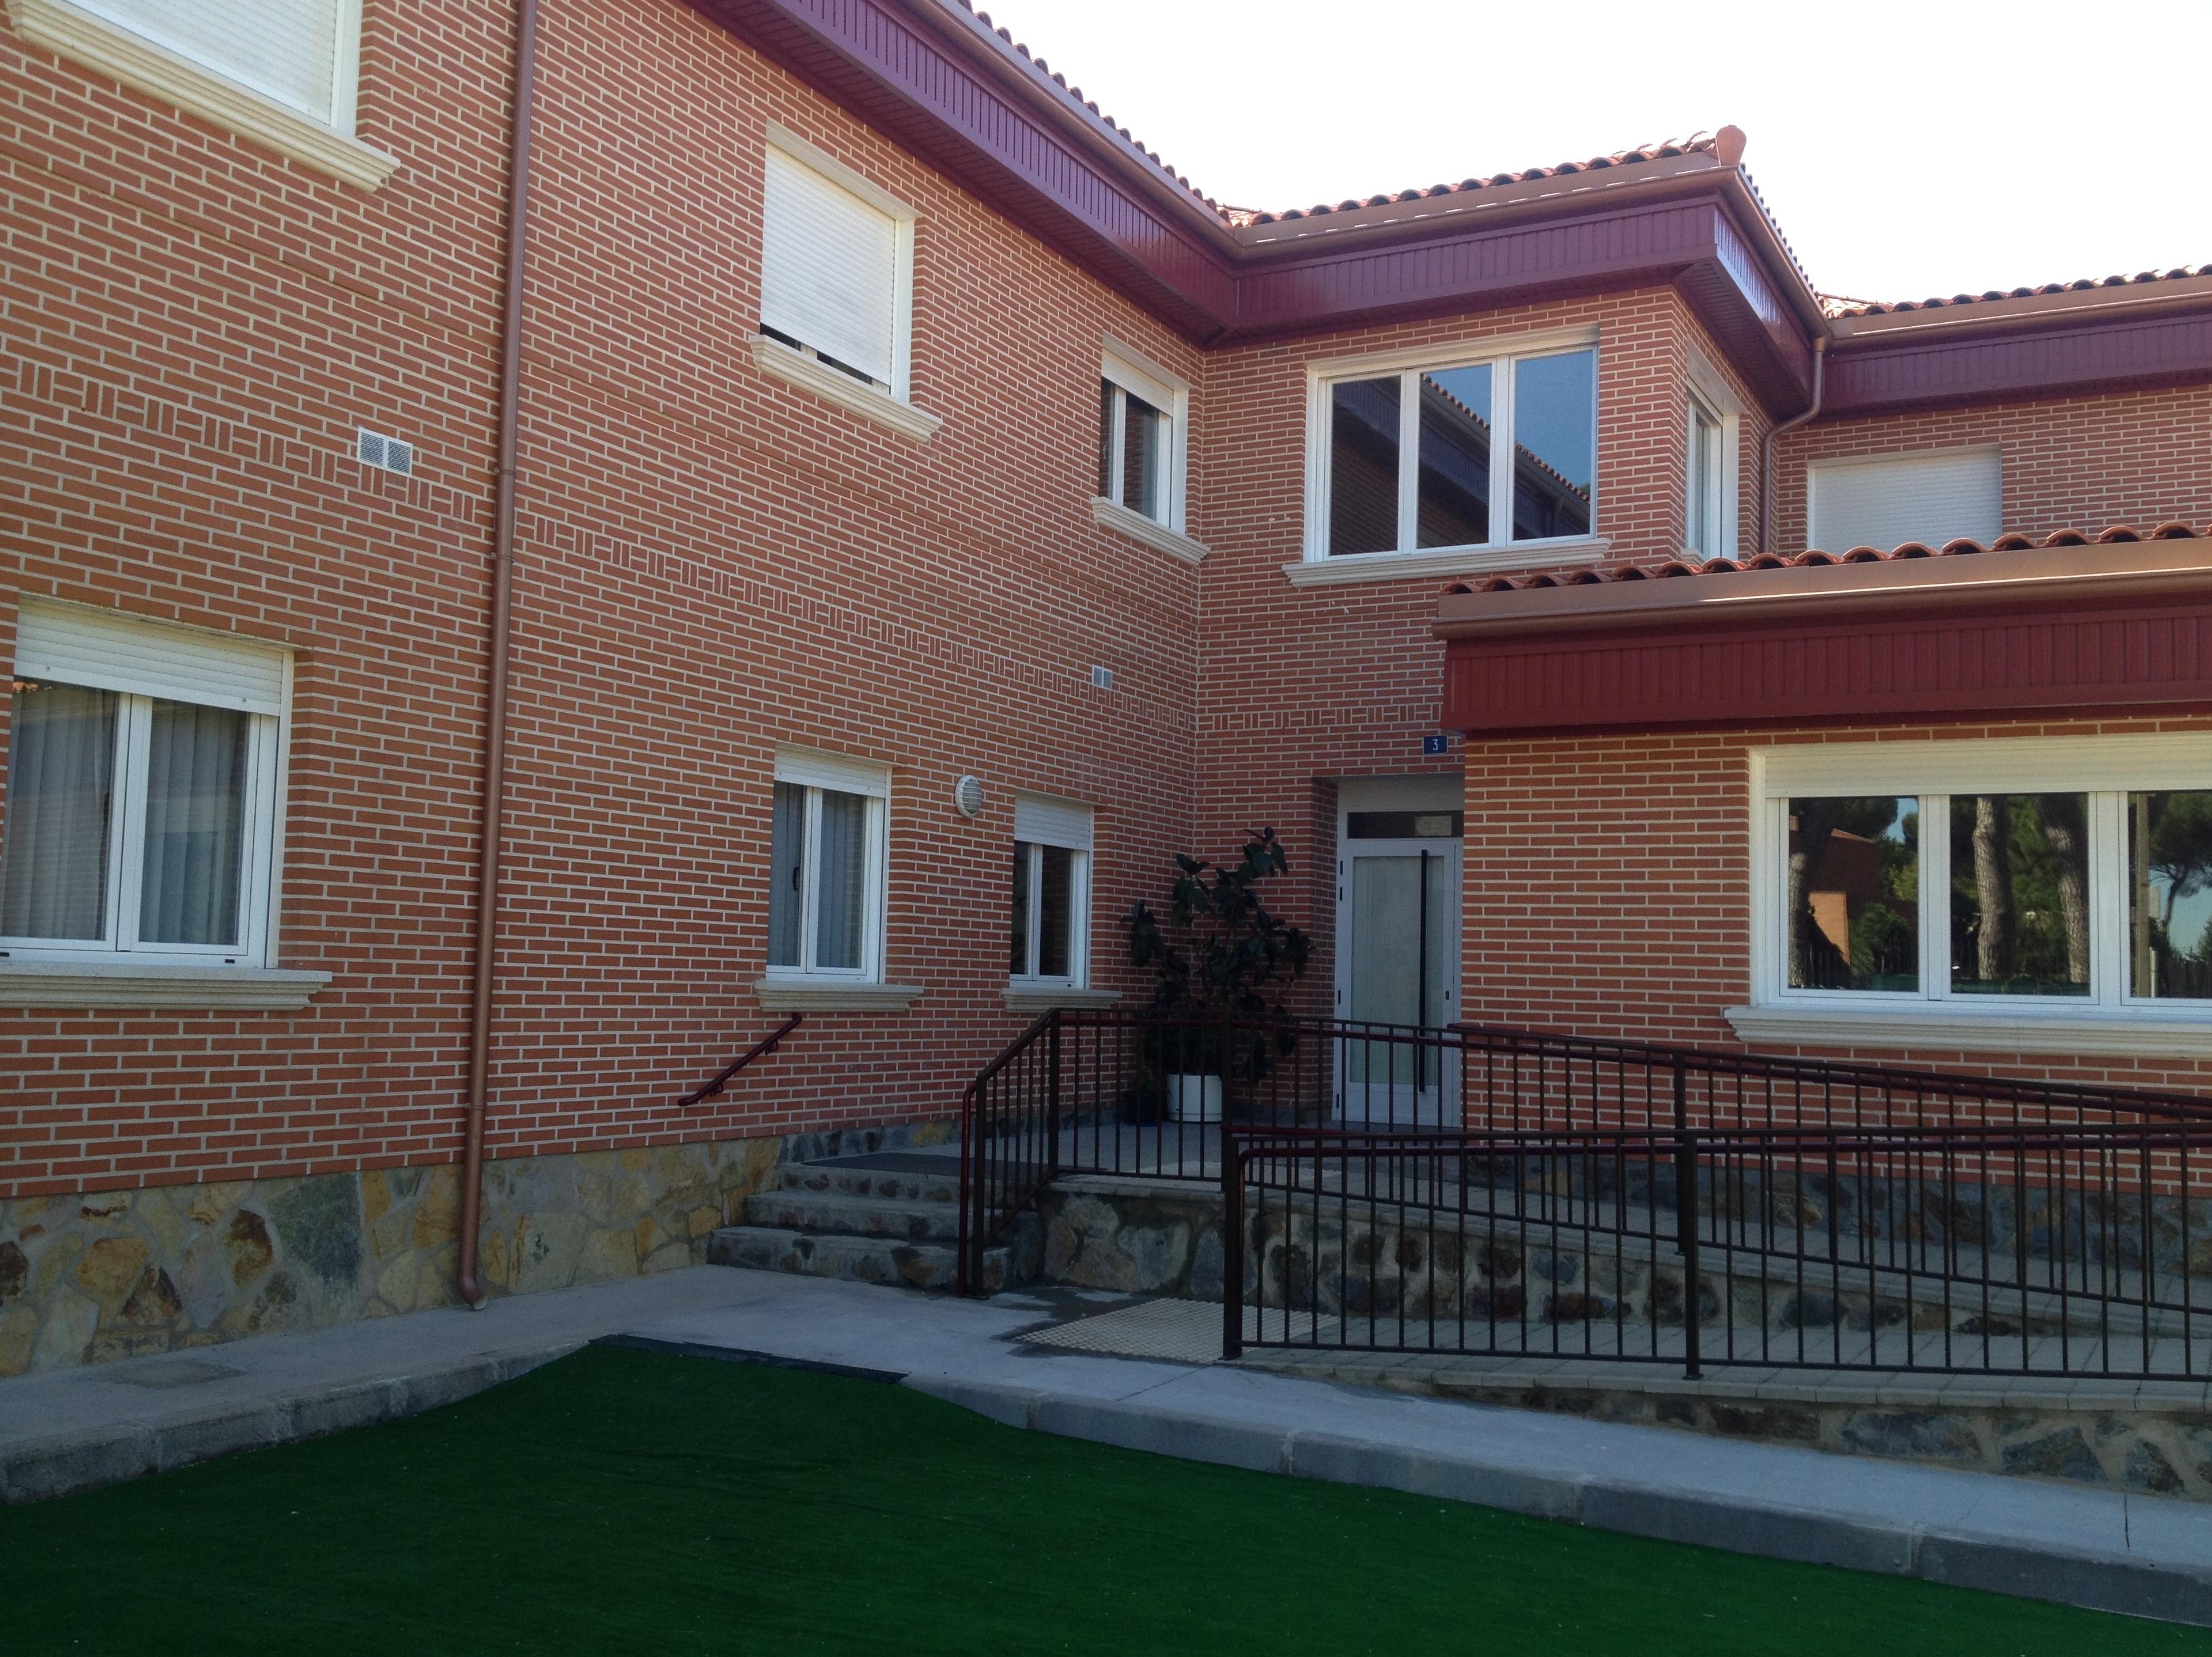 Residencia de ancianos en Valladolid